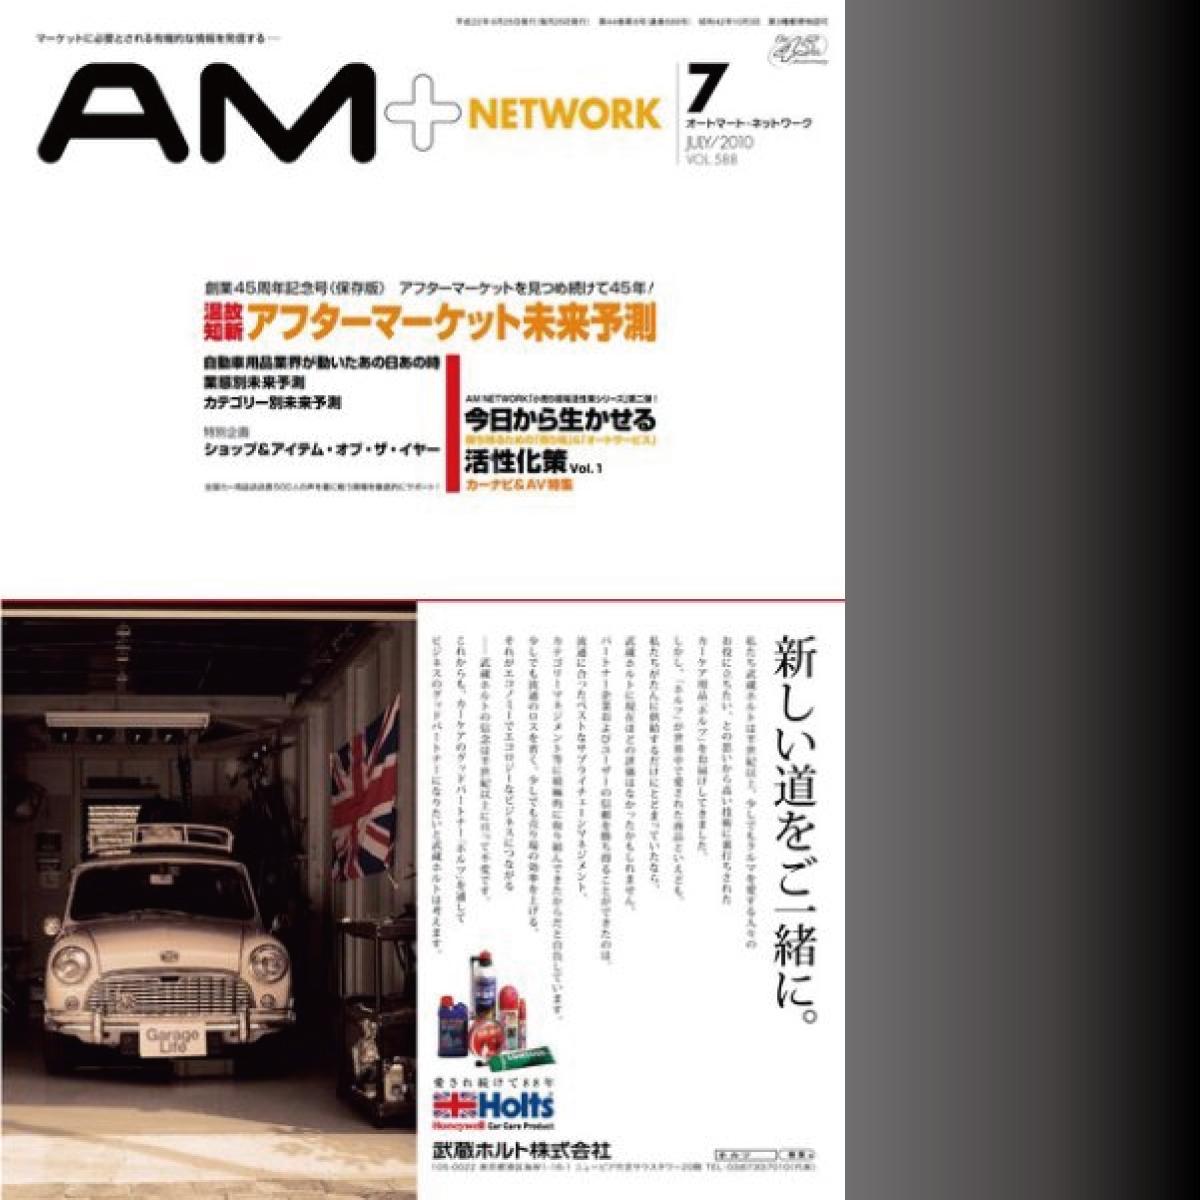 CLEFS毛ばたき + AM NETWORK 2010年7月号